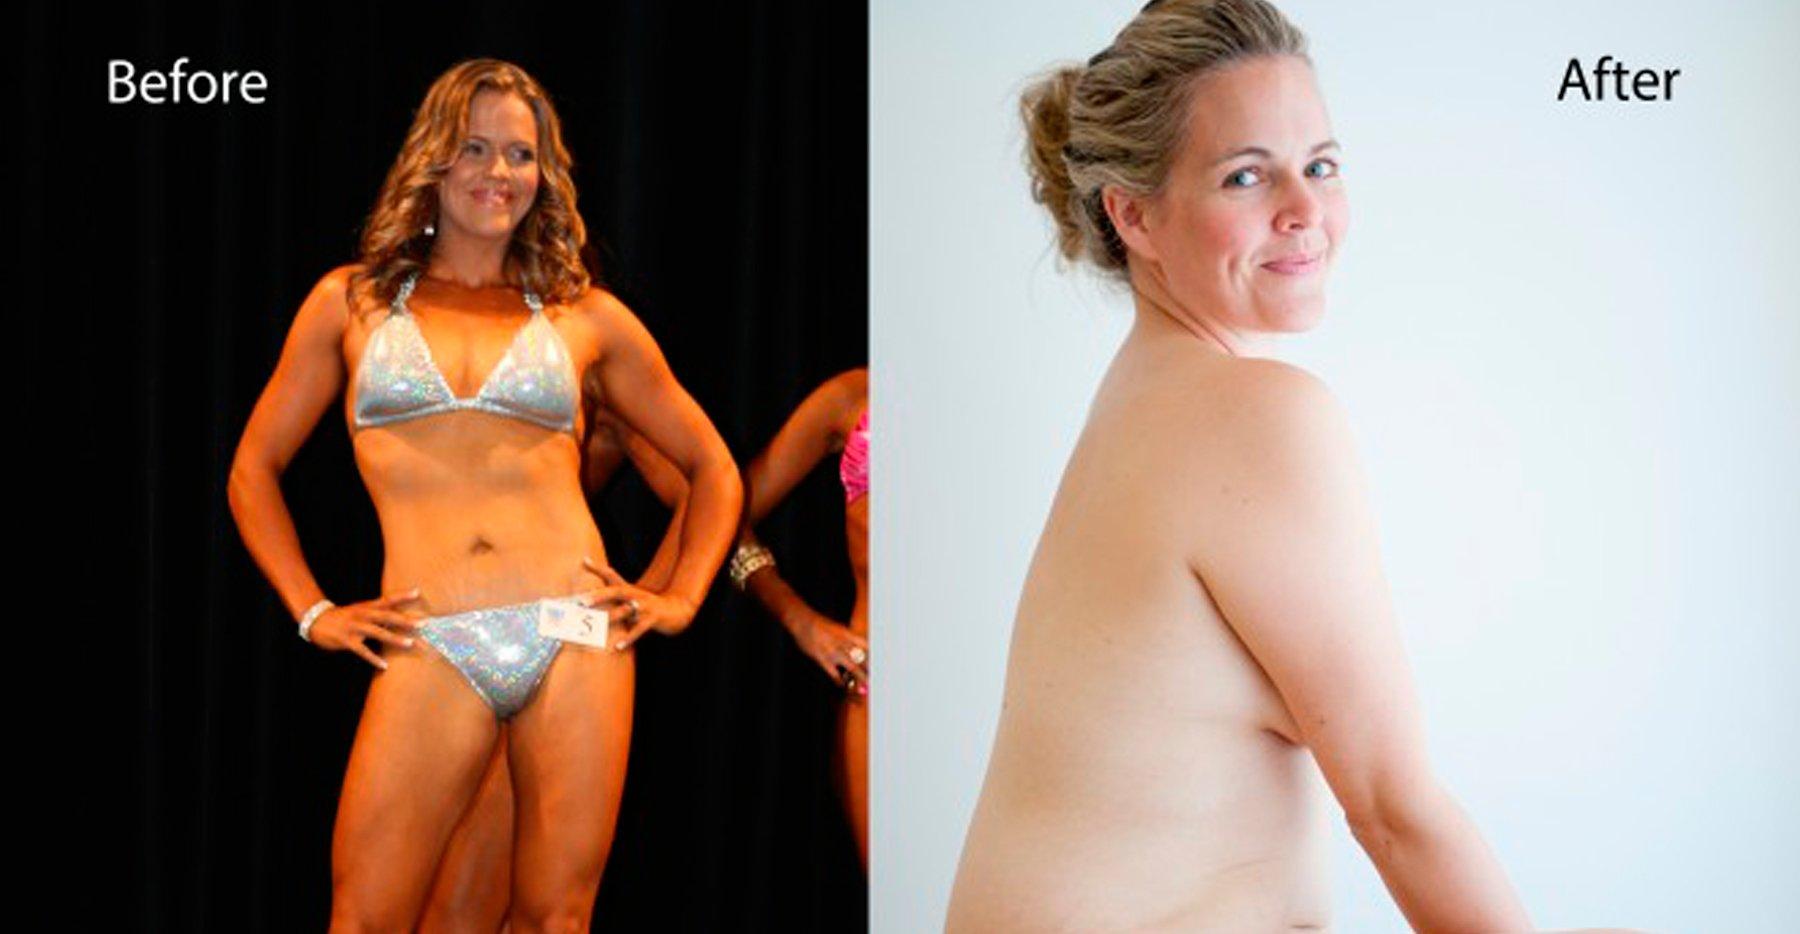 aas.jpg?resize=412,232 - La photo «avant / après» de cette mère australienne devient virale et inspire des millions de personnes dans le monde entier